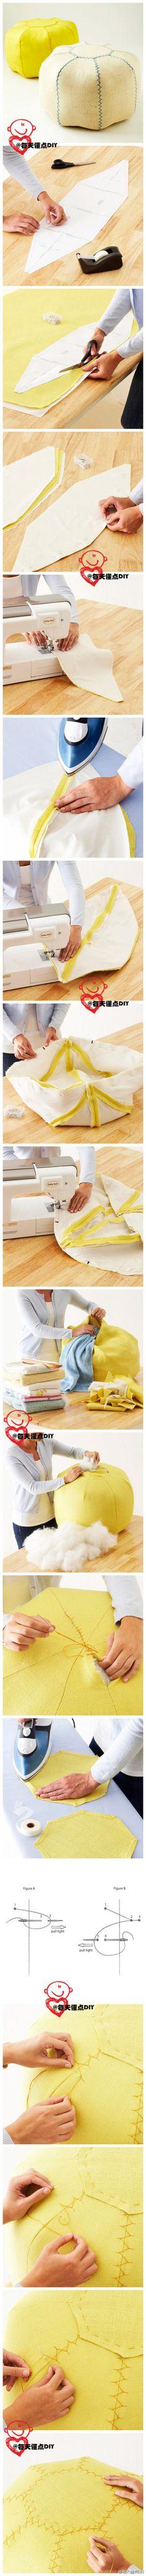 I ❤ to sew . . . pouf